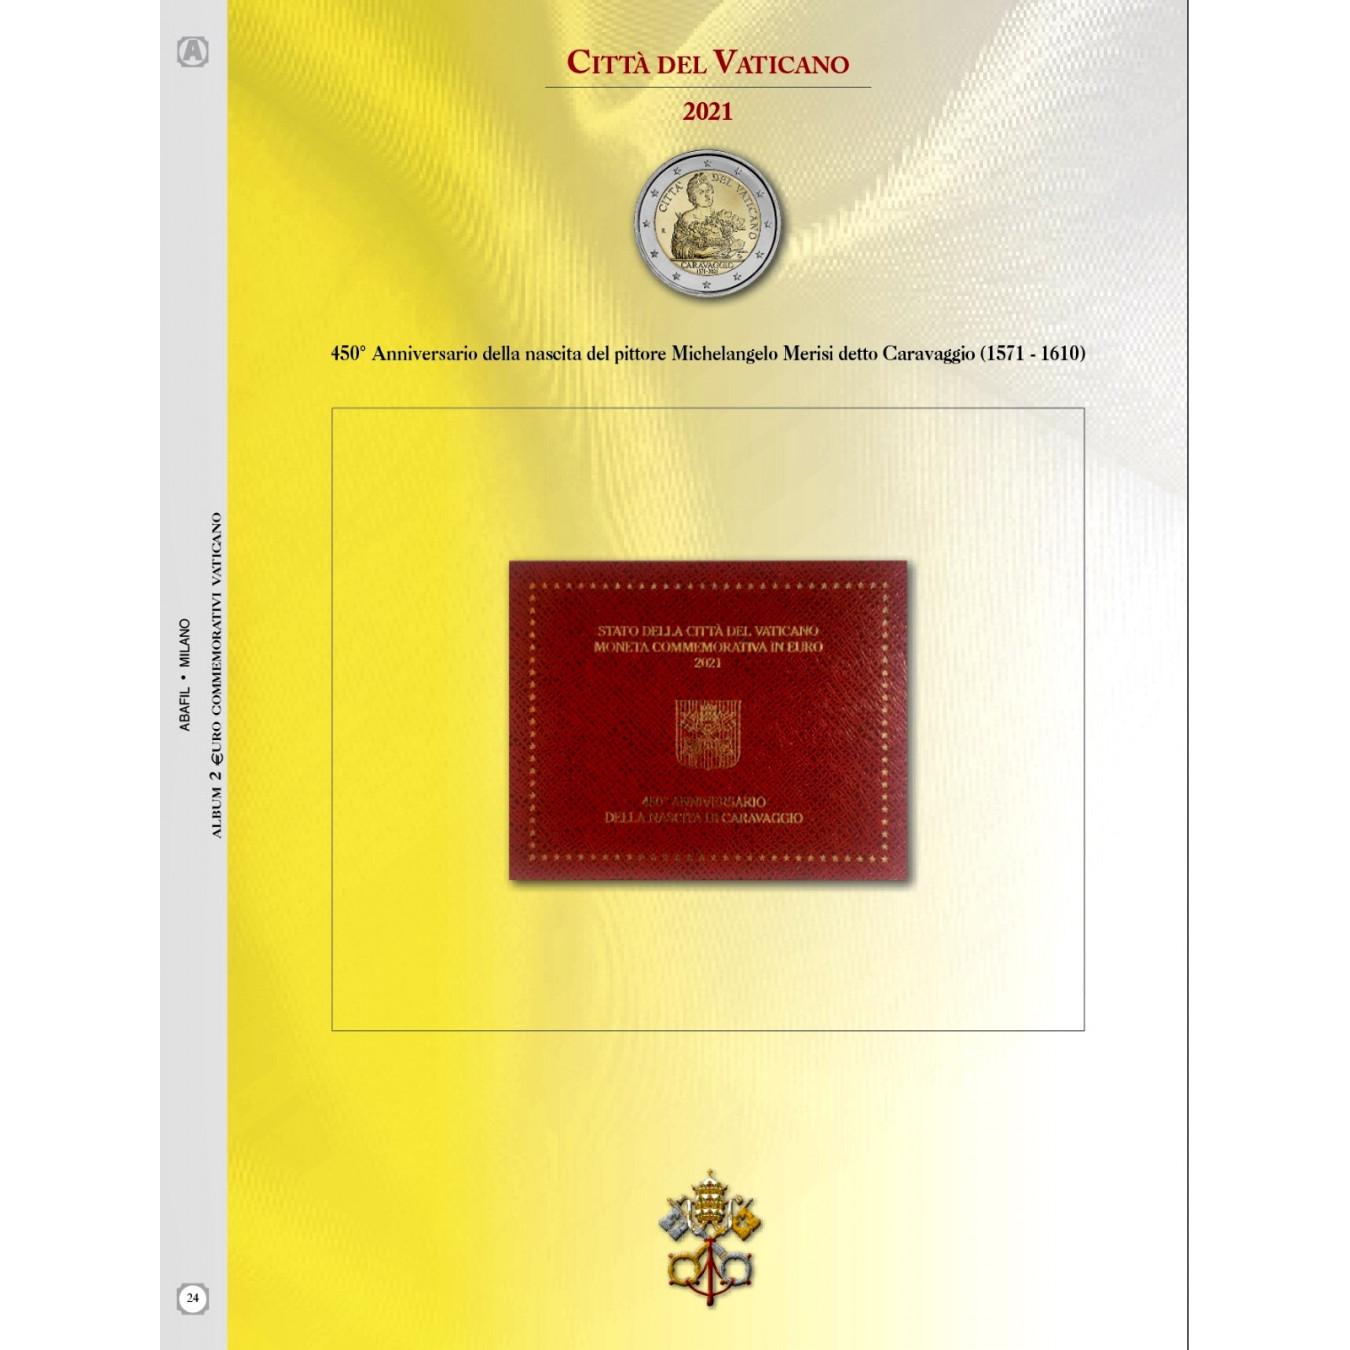 UPDATE 2€ VATICAN CITY Caravaggio 2021